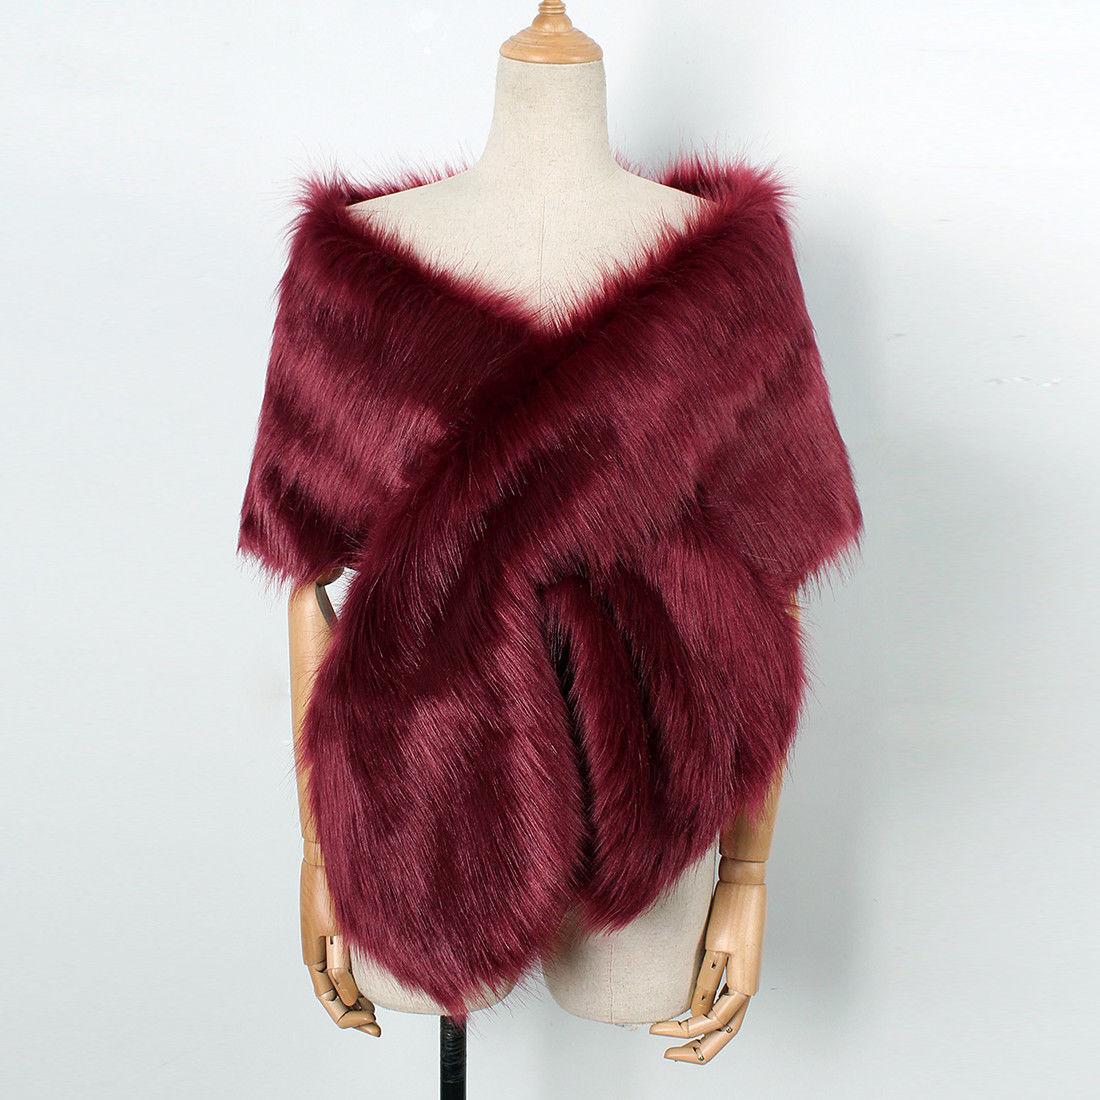 Faux Fur Warm Shawl Shrug Wedding Wrap Cape, Evening Winter Coat, Burgundy